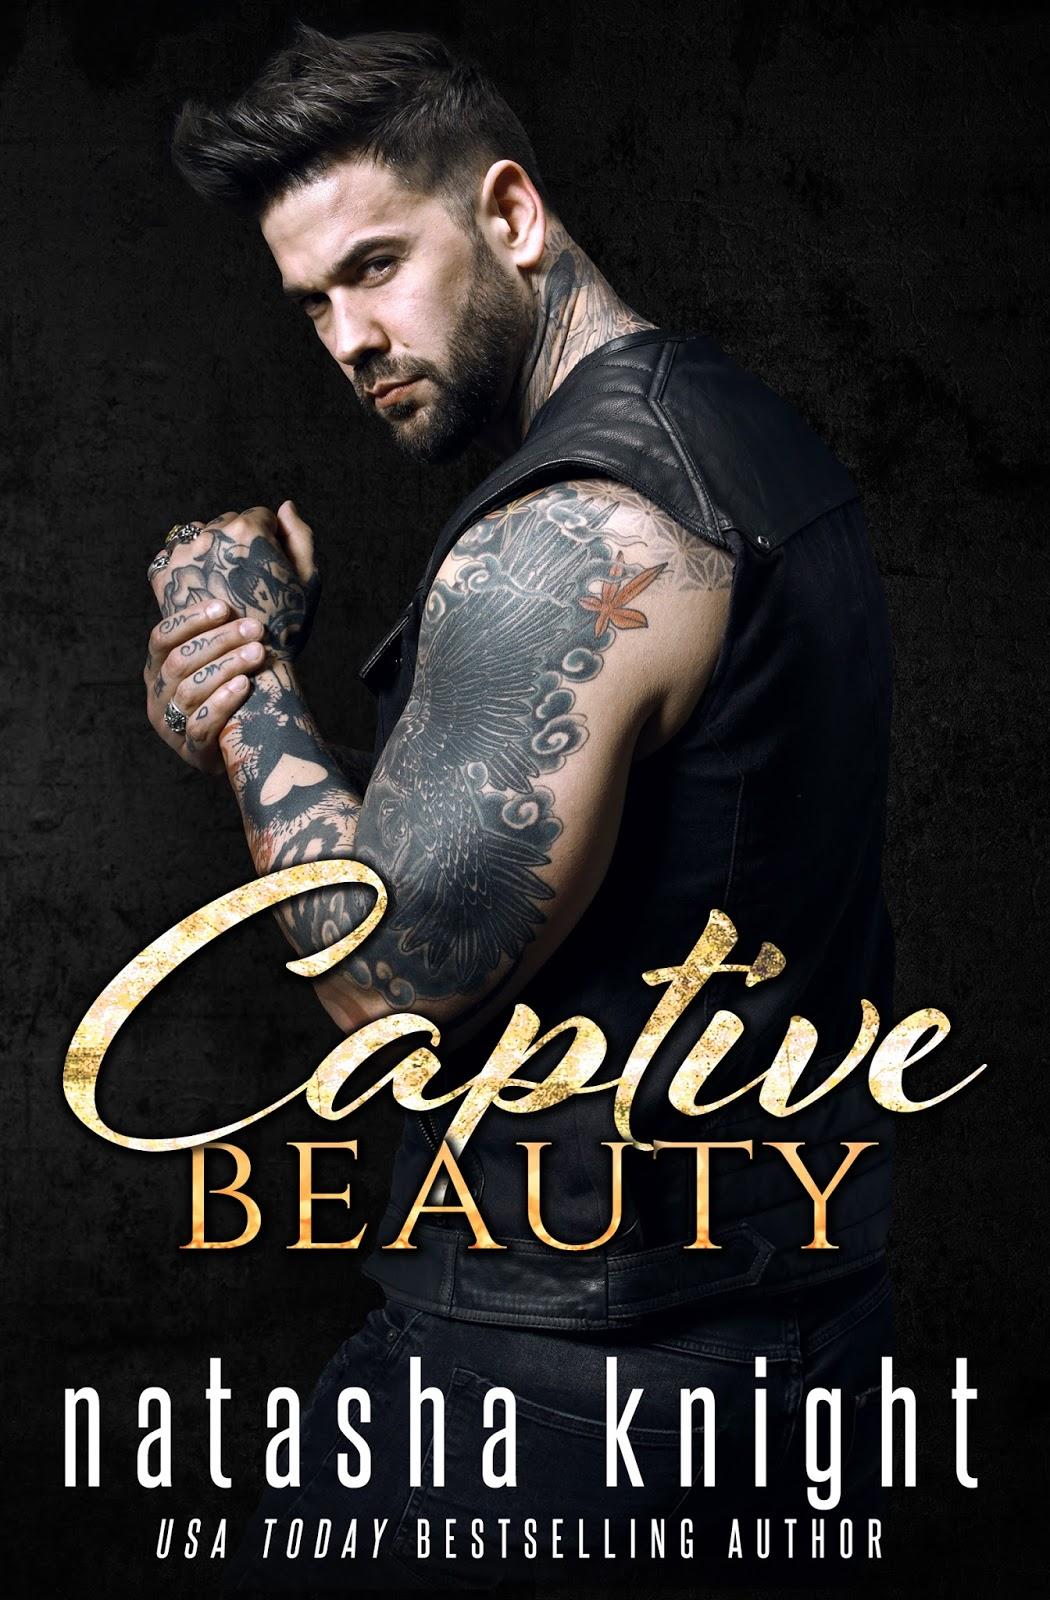 04a2f8940136 COVER REVEAL - Captive Beauty by Natasha Knight